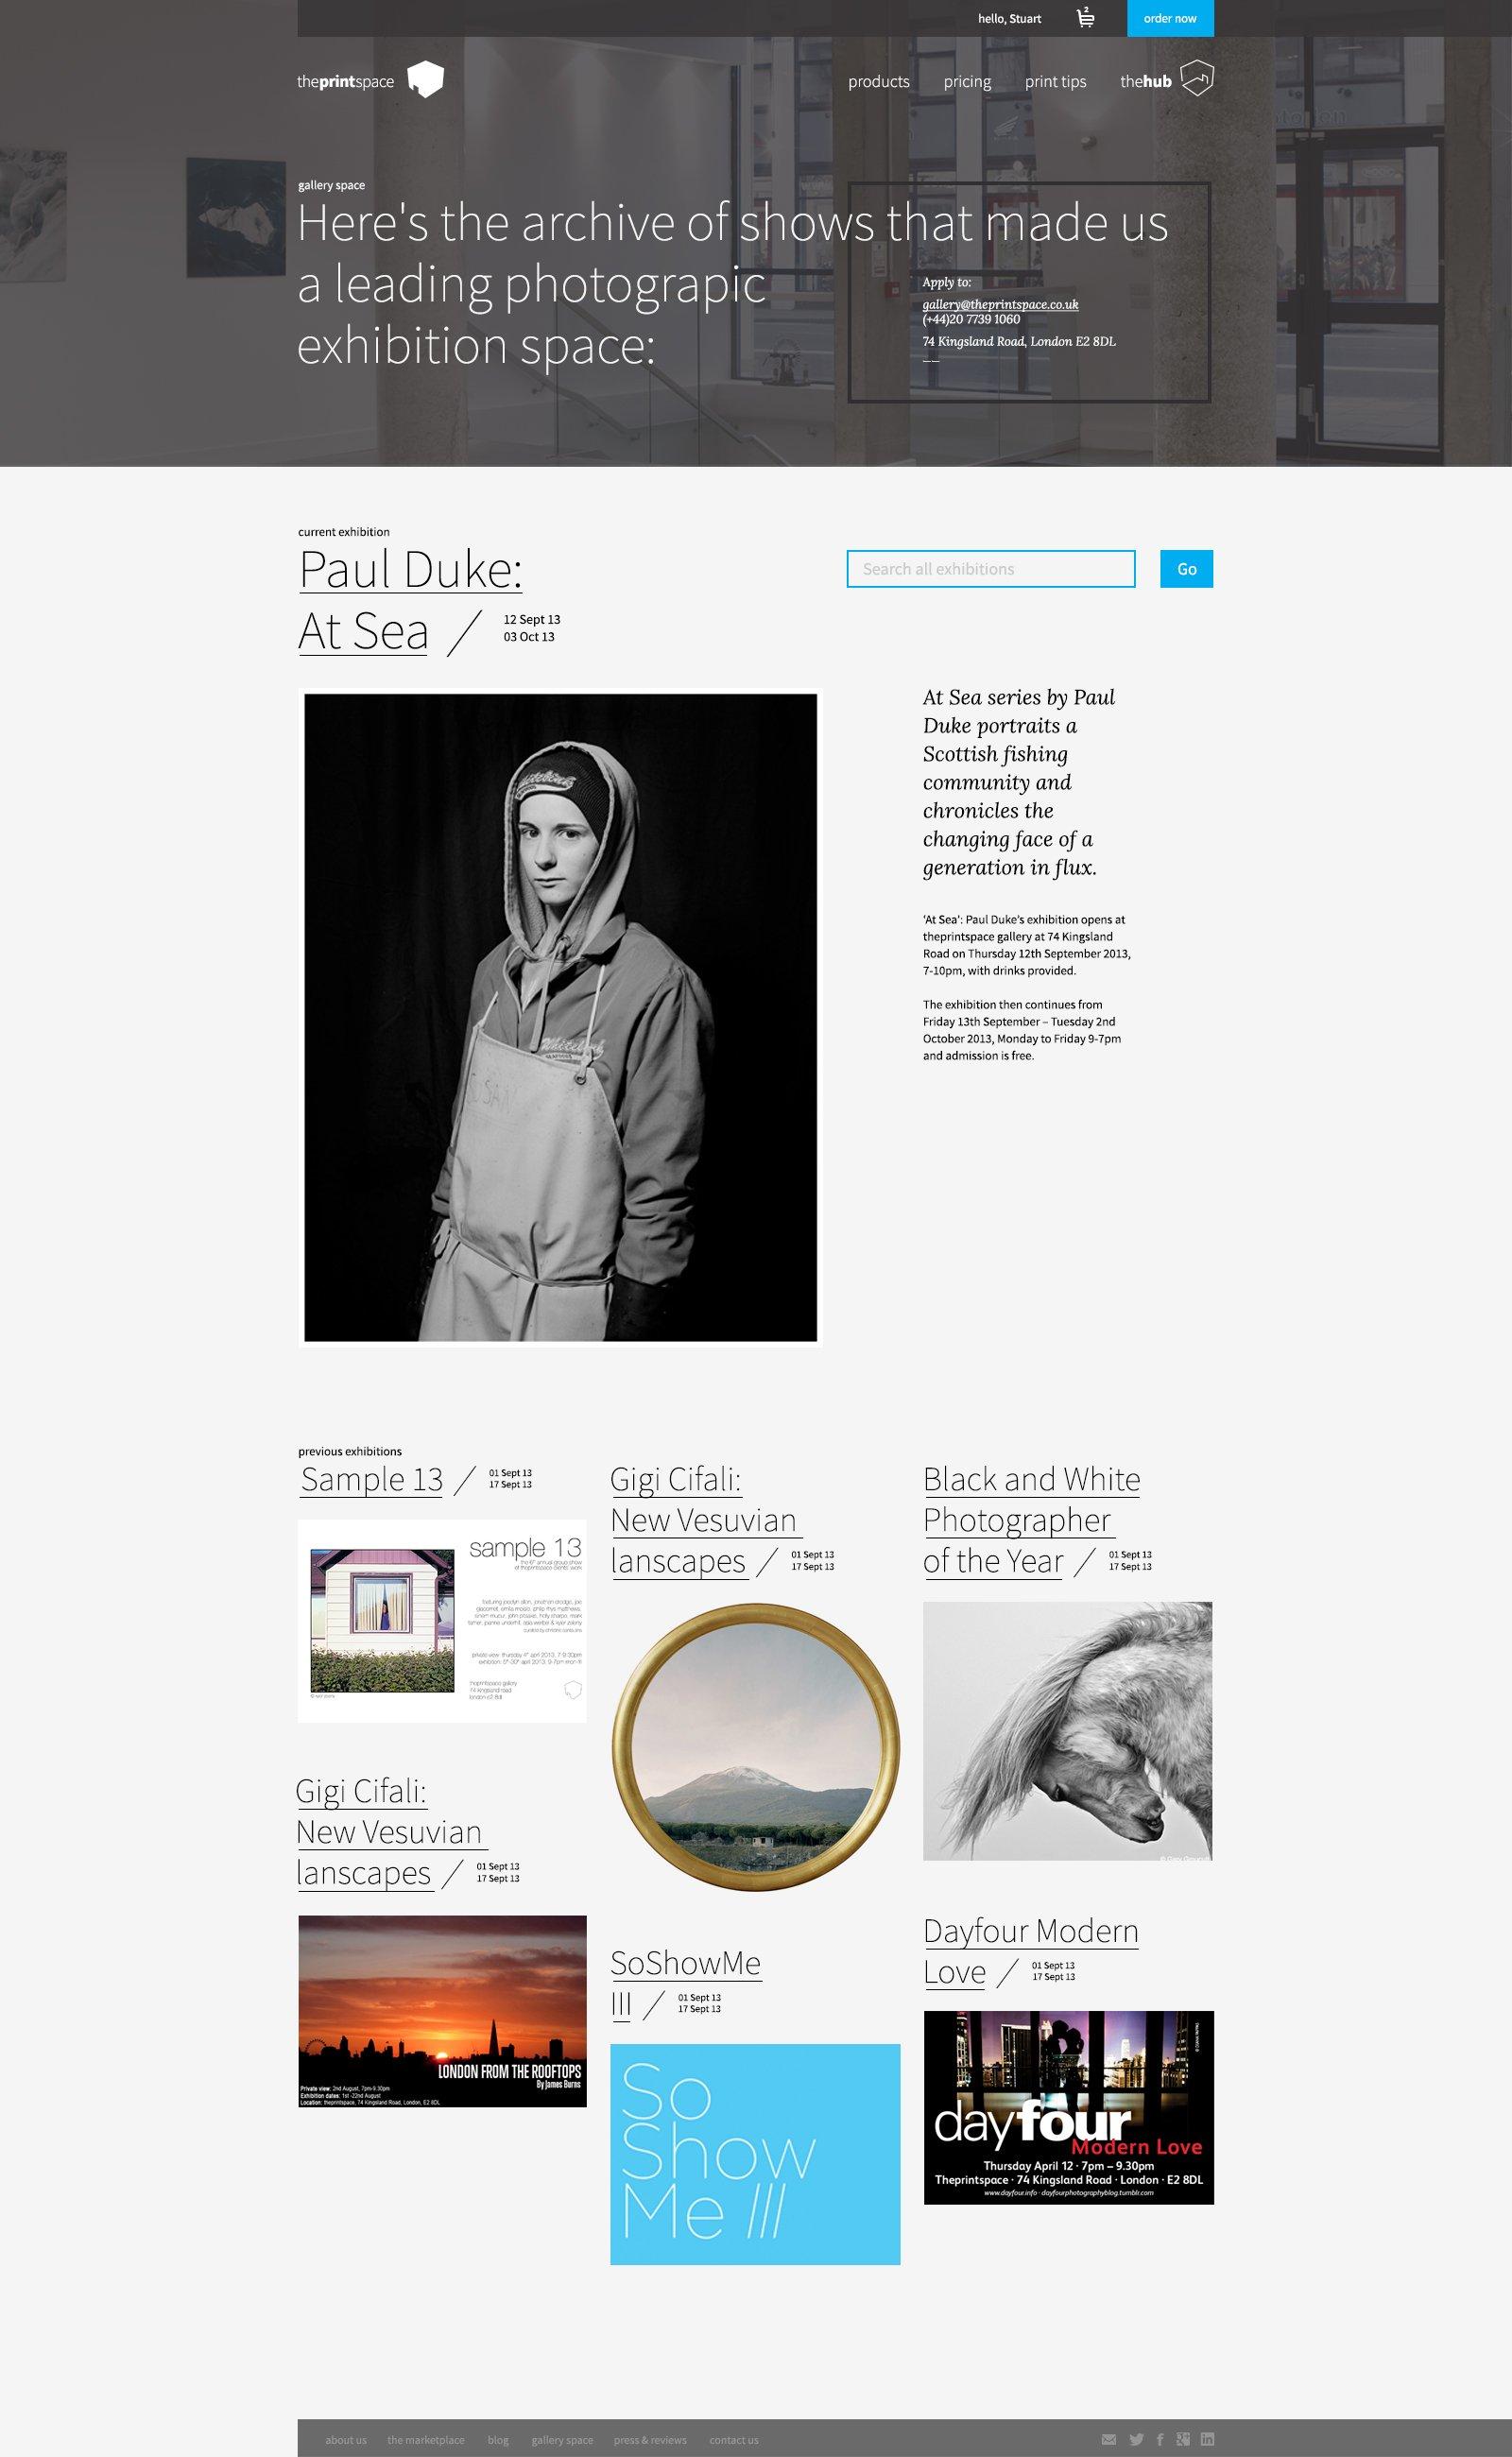 11a_996_grid_GallerySpace_blog